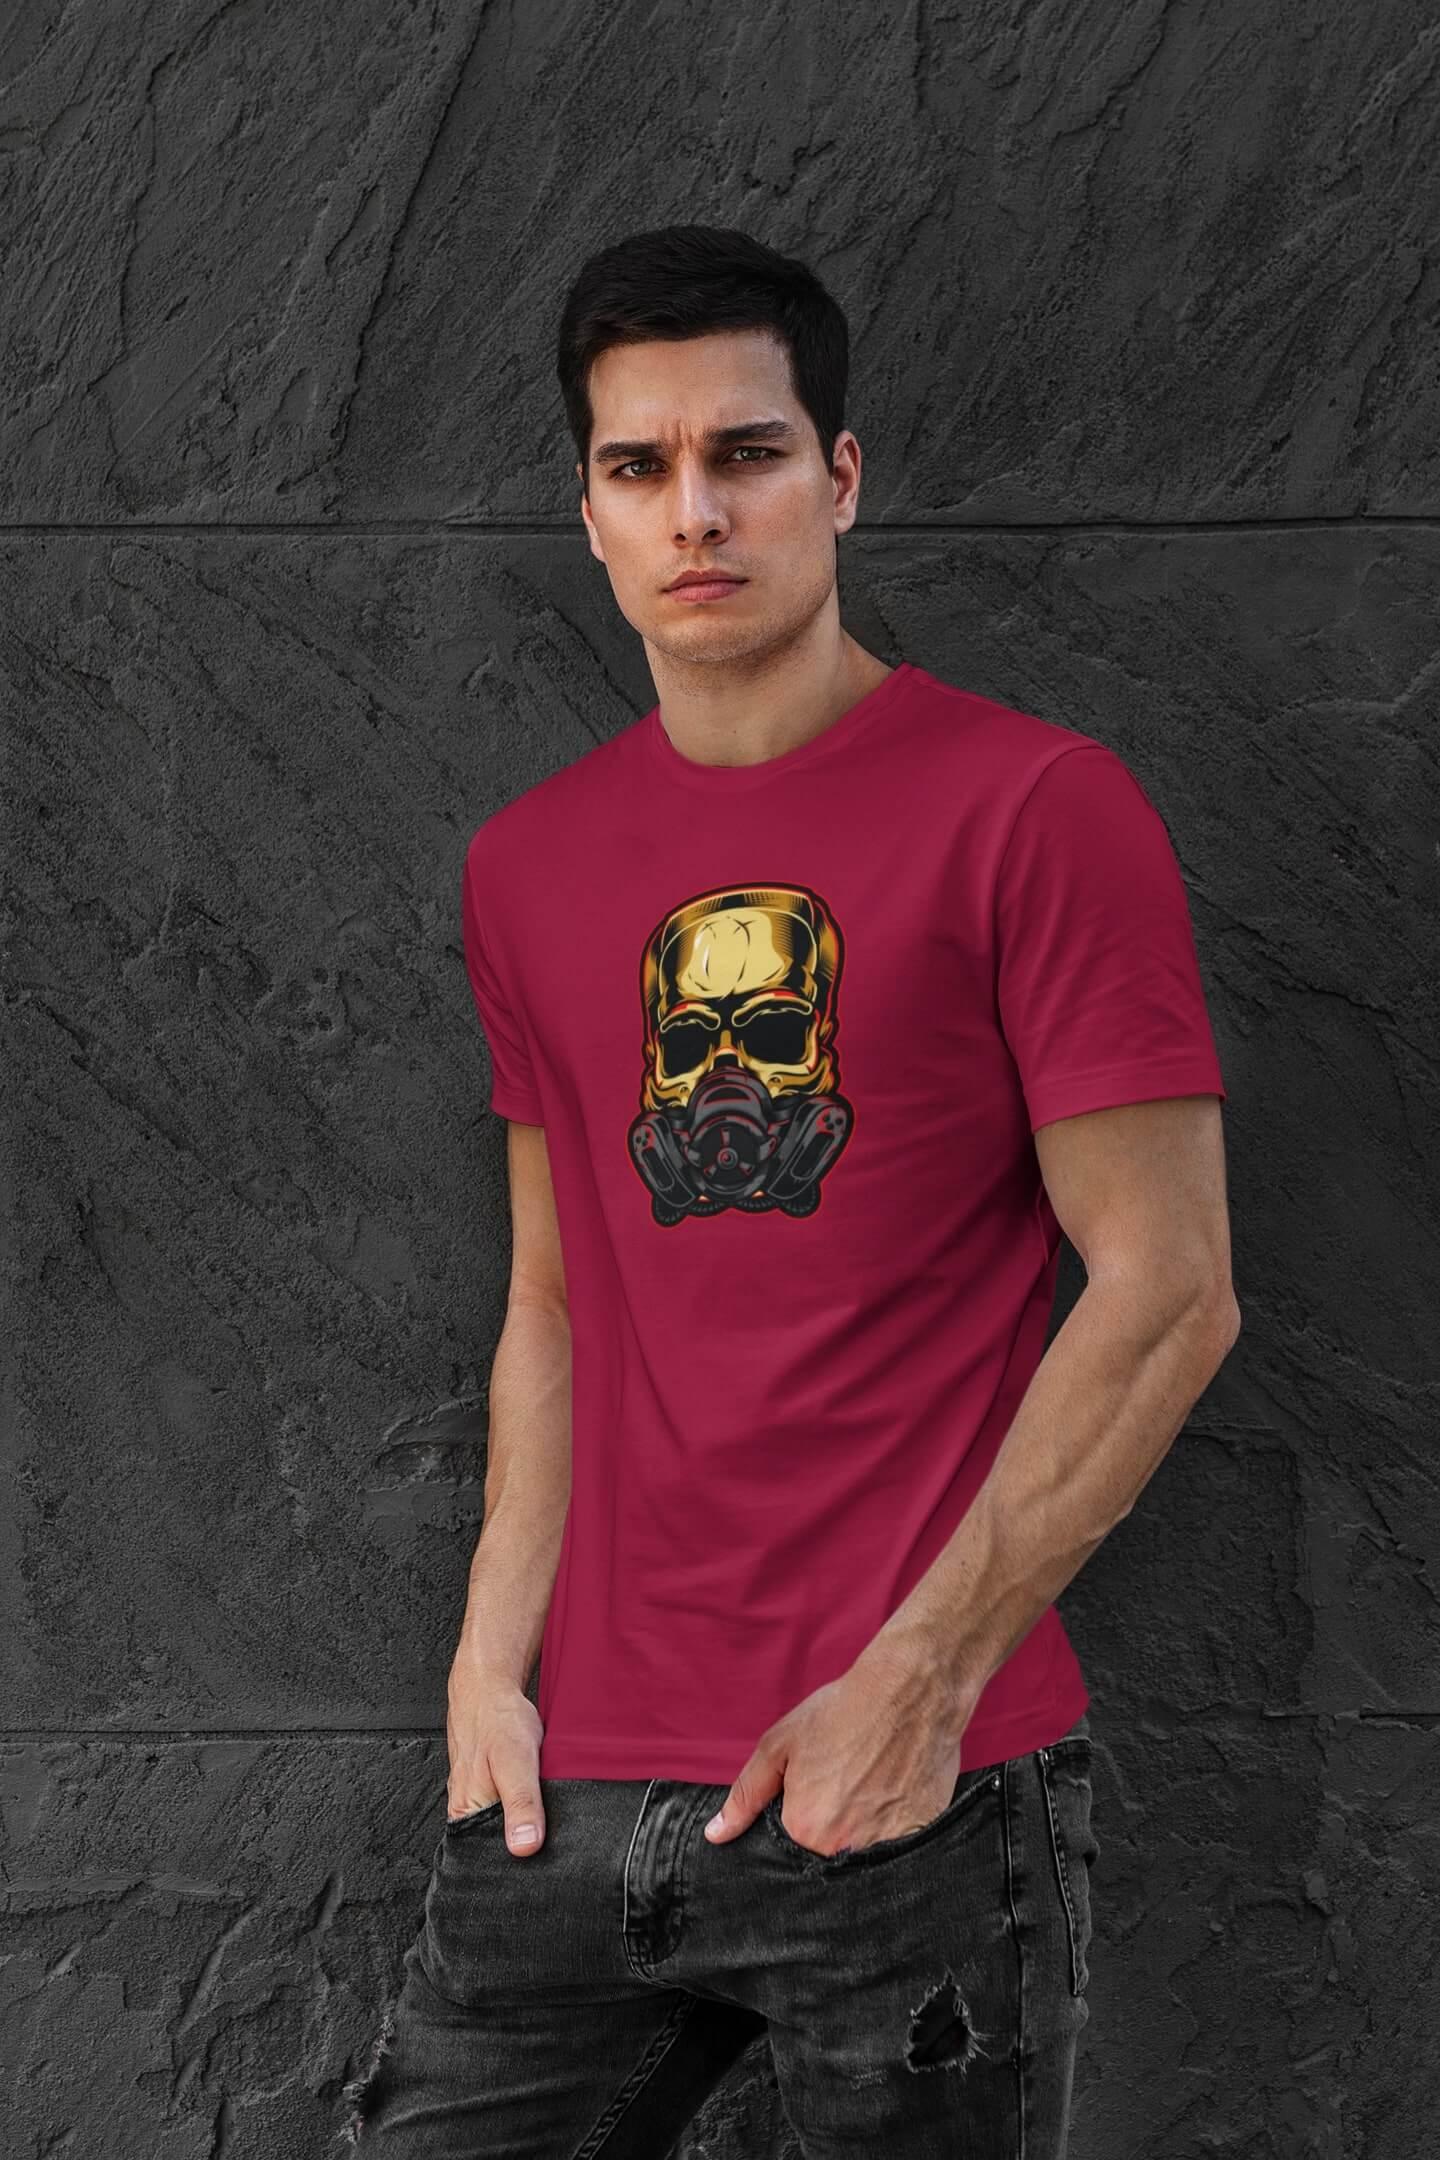 MMO Pánske tričko Lebka s respirátorom Vyberte farbu: Marlboro červená, Vyberte veľkosť: XL